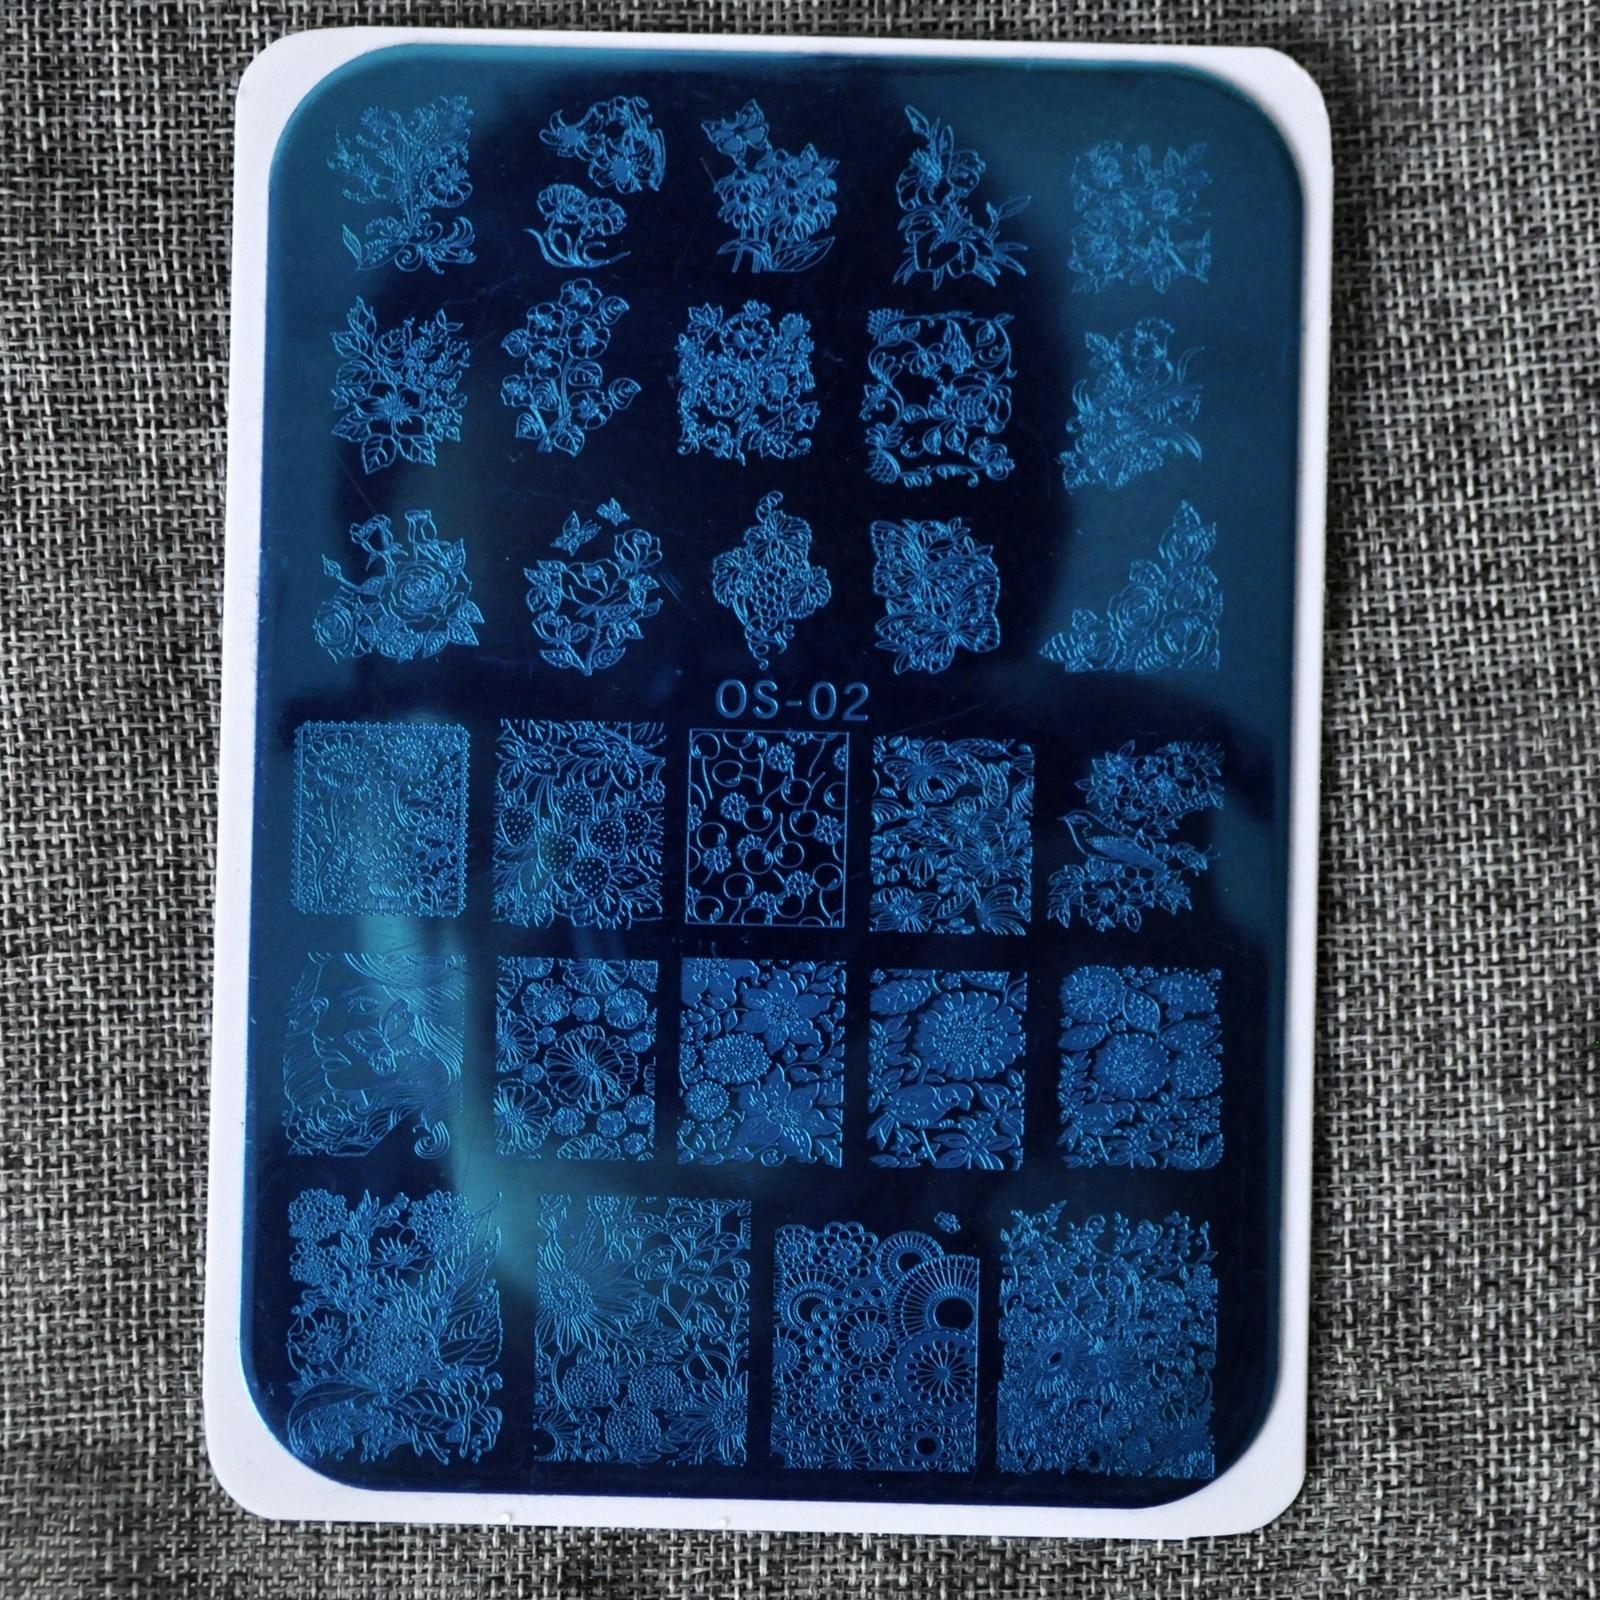 Viele Blume Schönheit Spitze Designs nail disk modenagelkunstbild ...